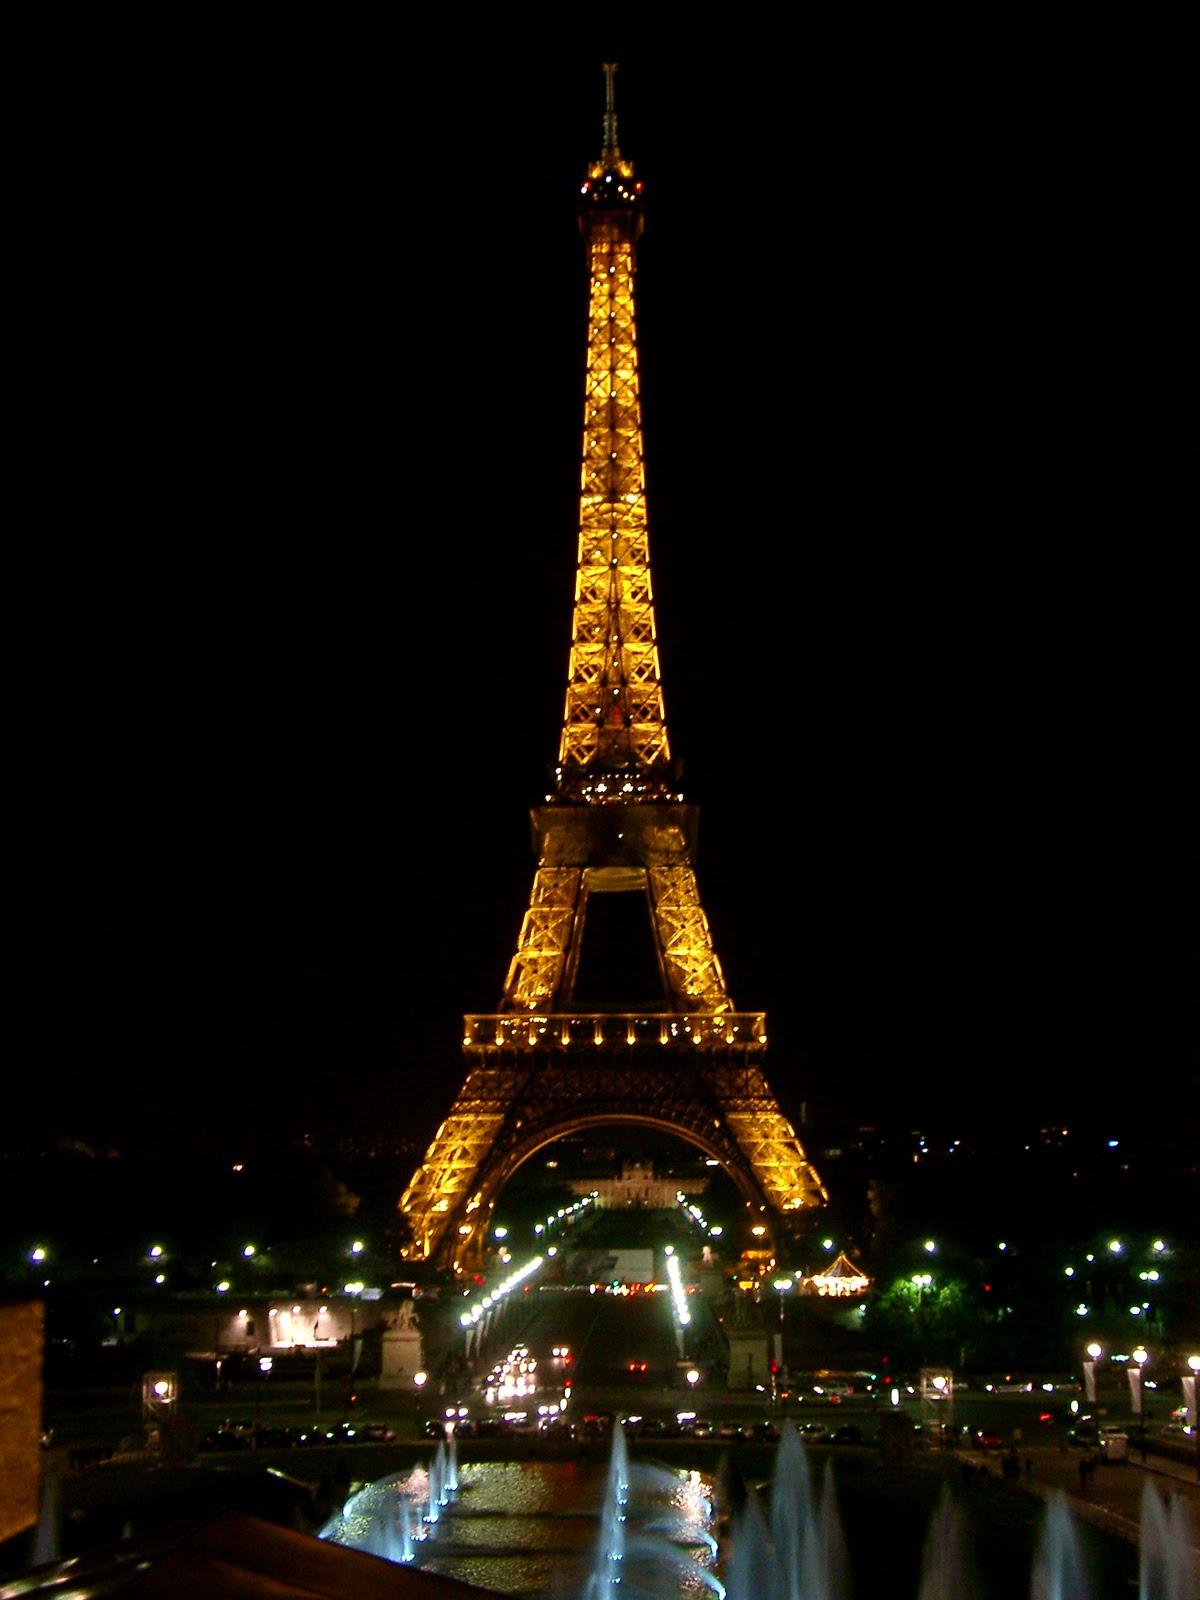 http://1.bp.blogspot.com/-pogqqB_Be2I/UGVRMNOzqeI/AAAAAAAAABQ/eJPNEEapHjI/s1600/11_eiffel_tower_night3030.JPG